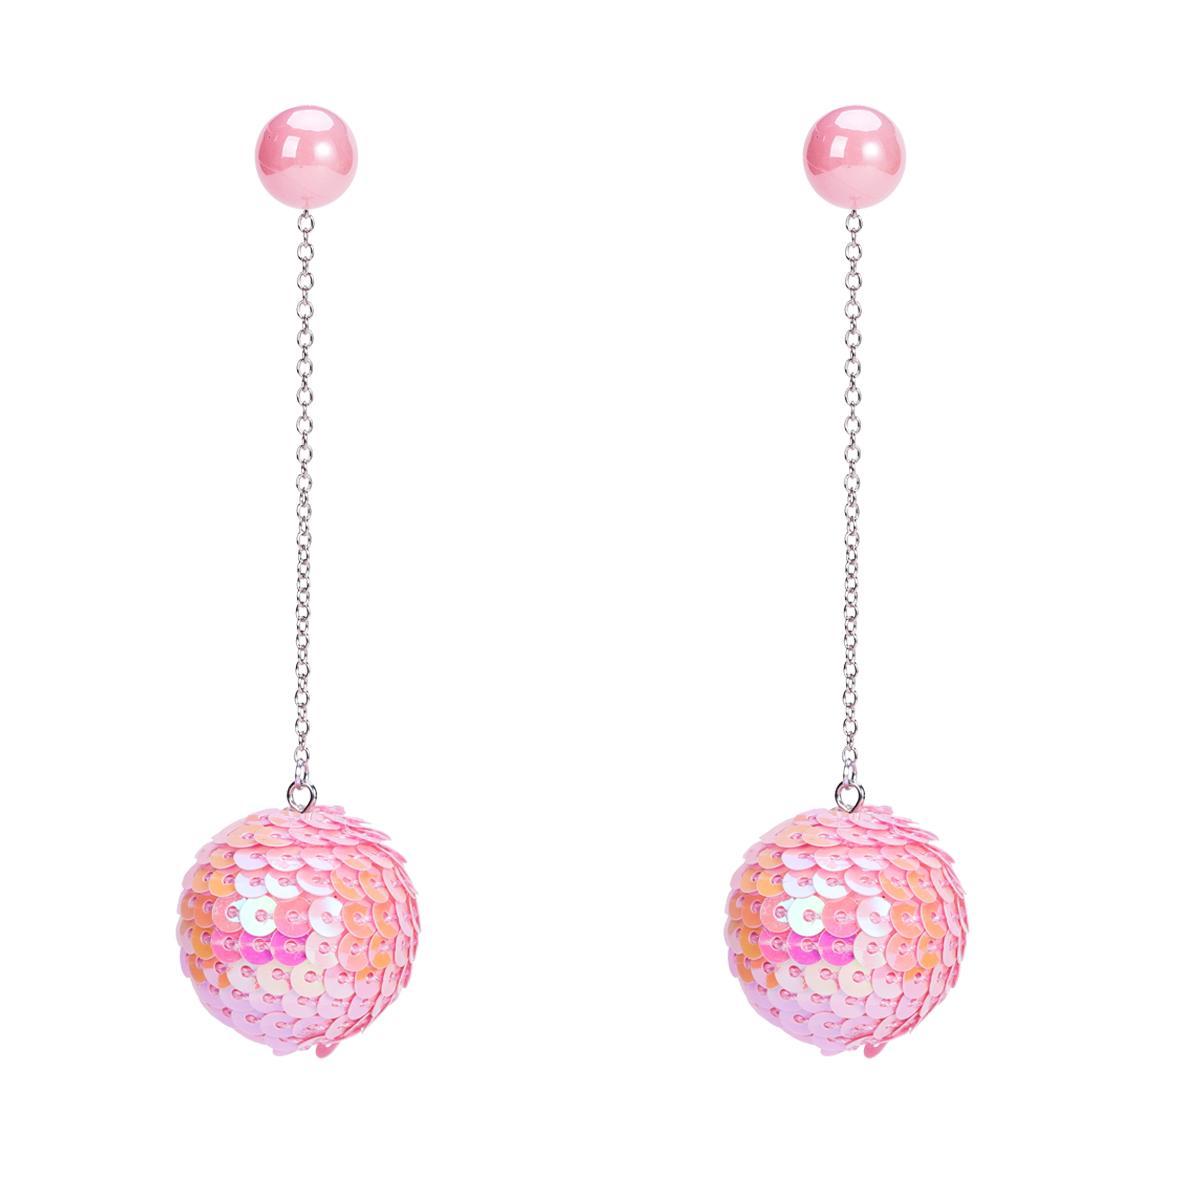 Nueva llegada 7 colgantes de color de Bling Bling de la escama de pelota pendiente simulado perla Piercing largo del pendiente de gota para las mujeres de las muchachas Pendiente joyería